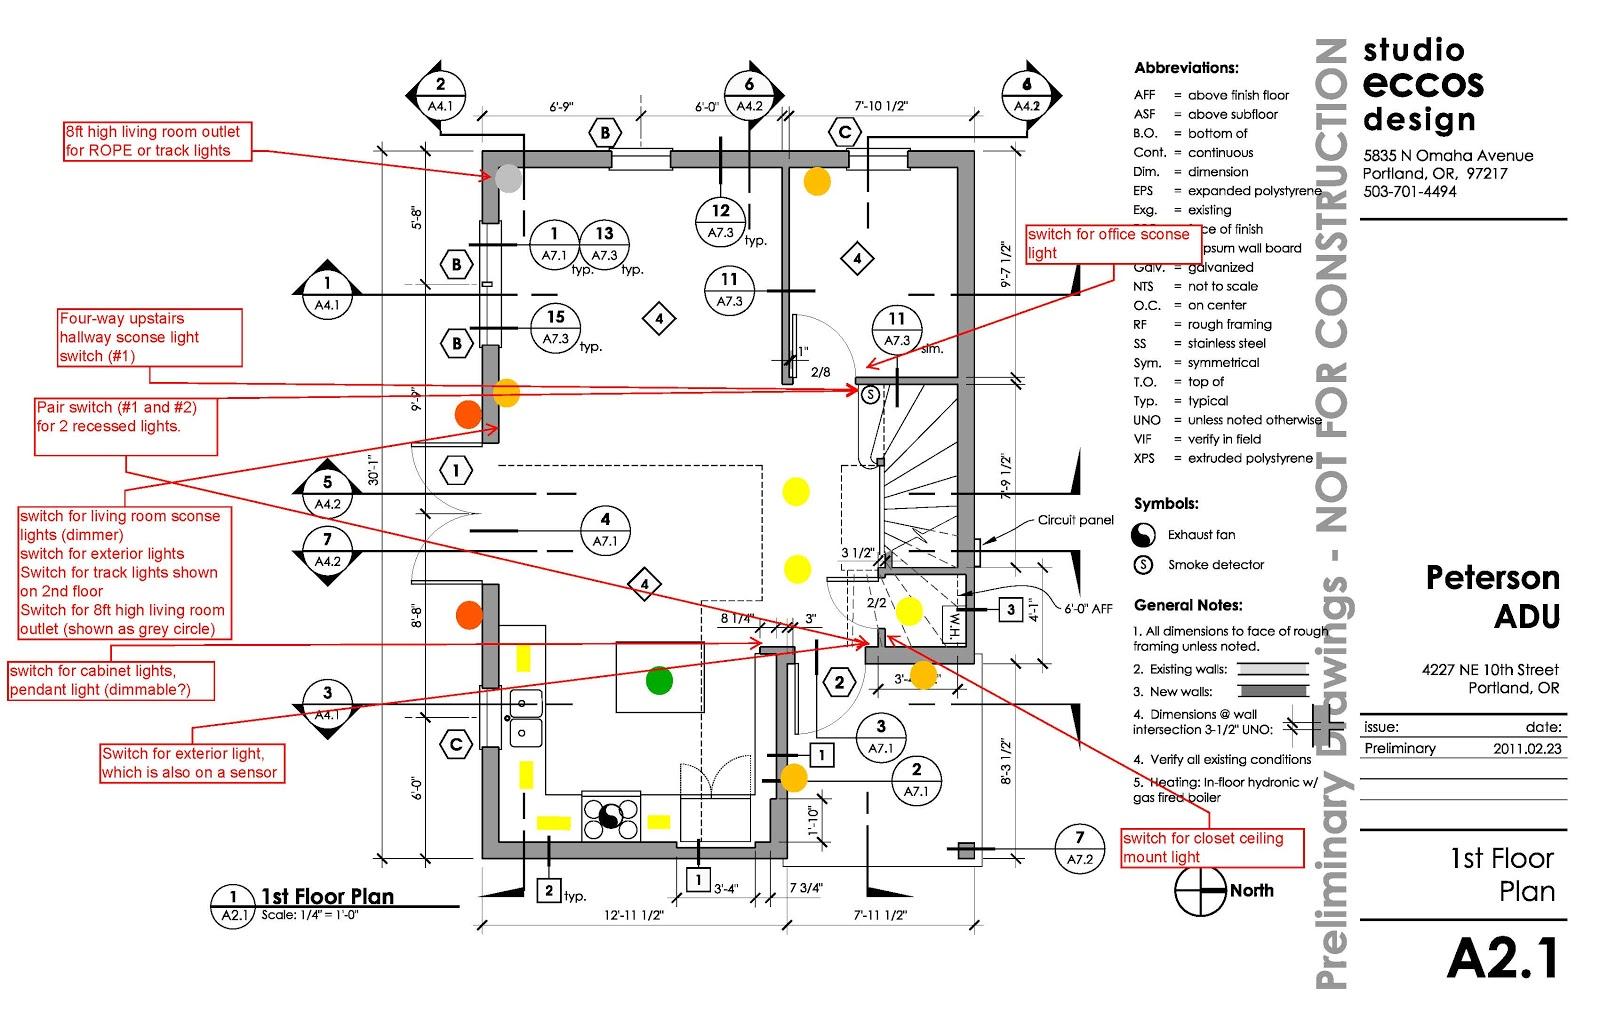 lighting plan for first floor [ 1600 x 1035 Pixel ]